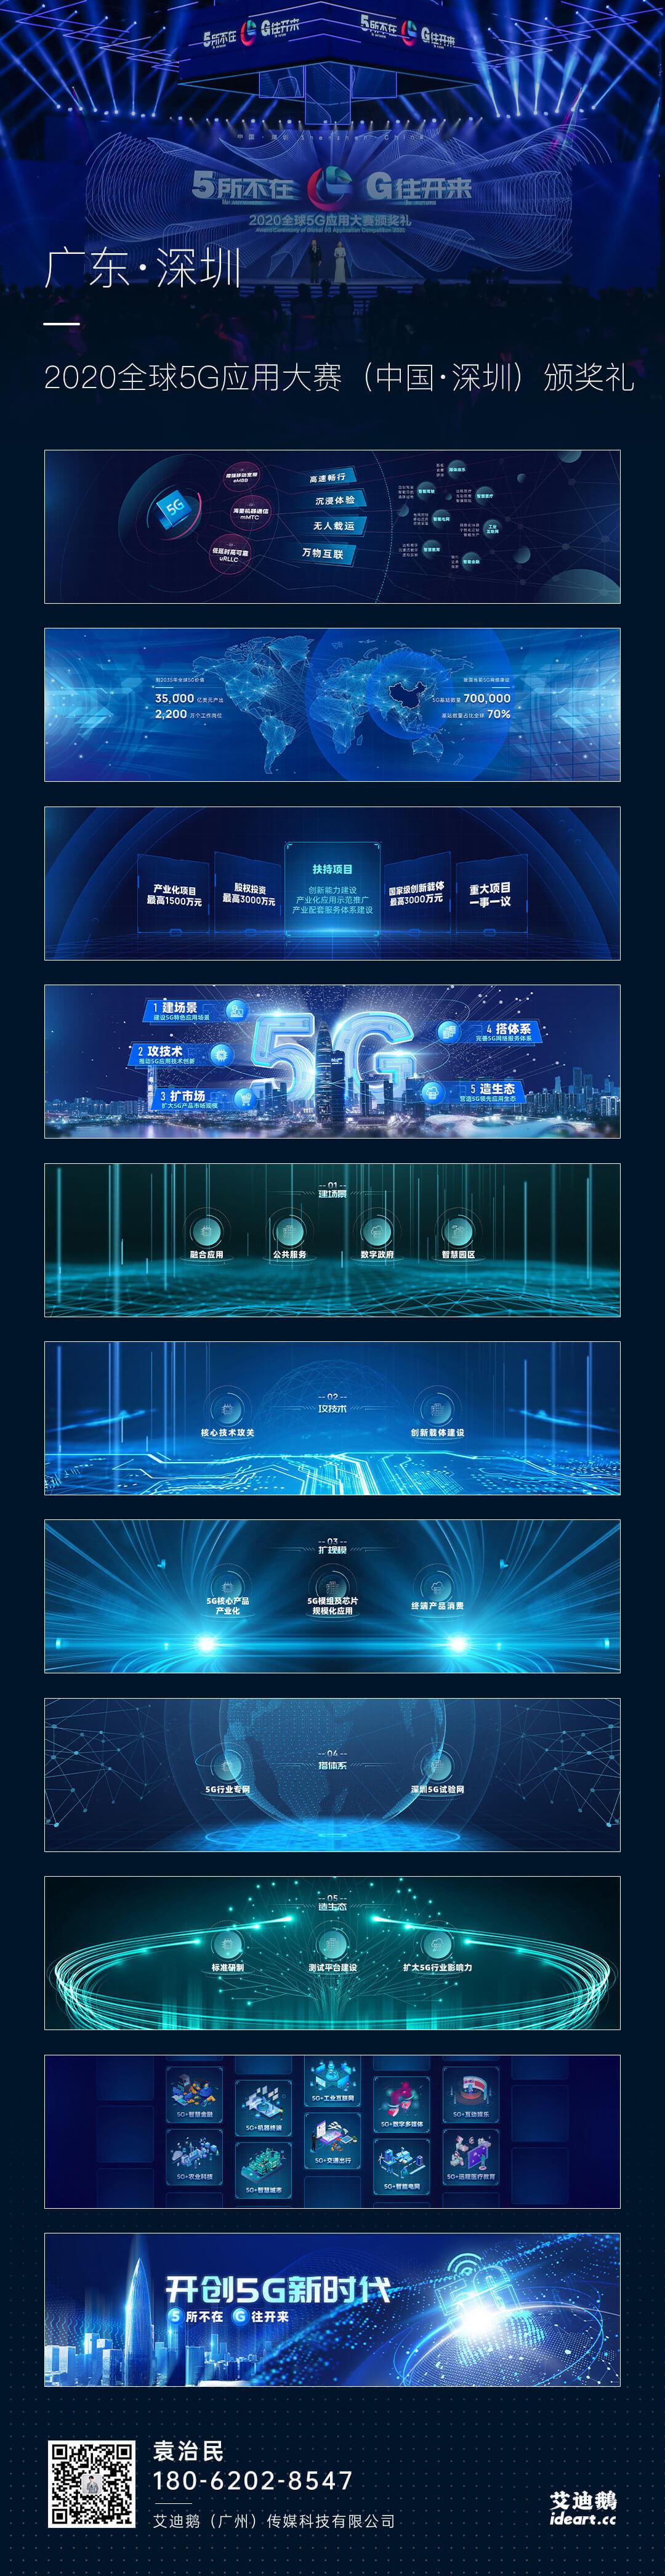 """020全球5G应用大赛(中国·深圳)颁奖礼"""""""